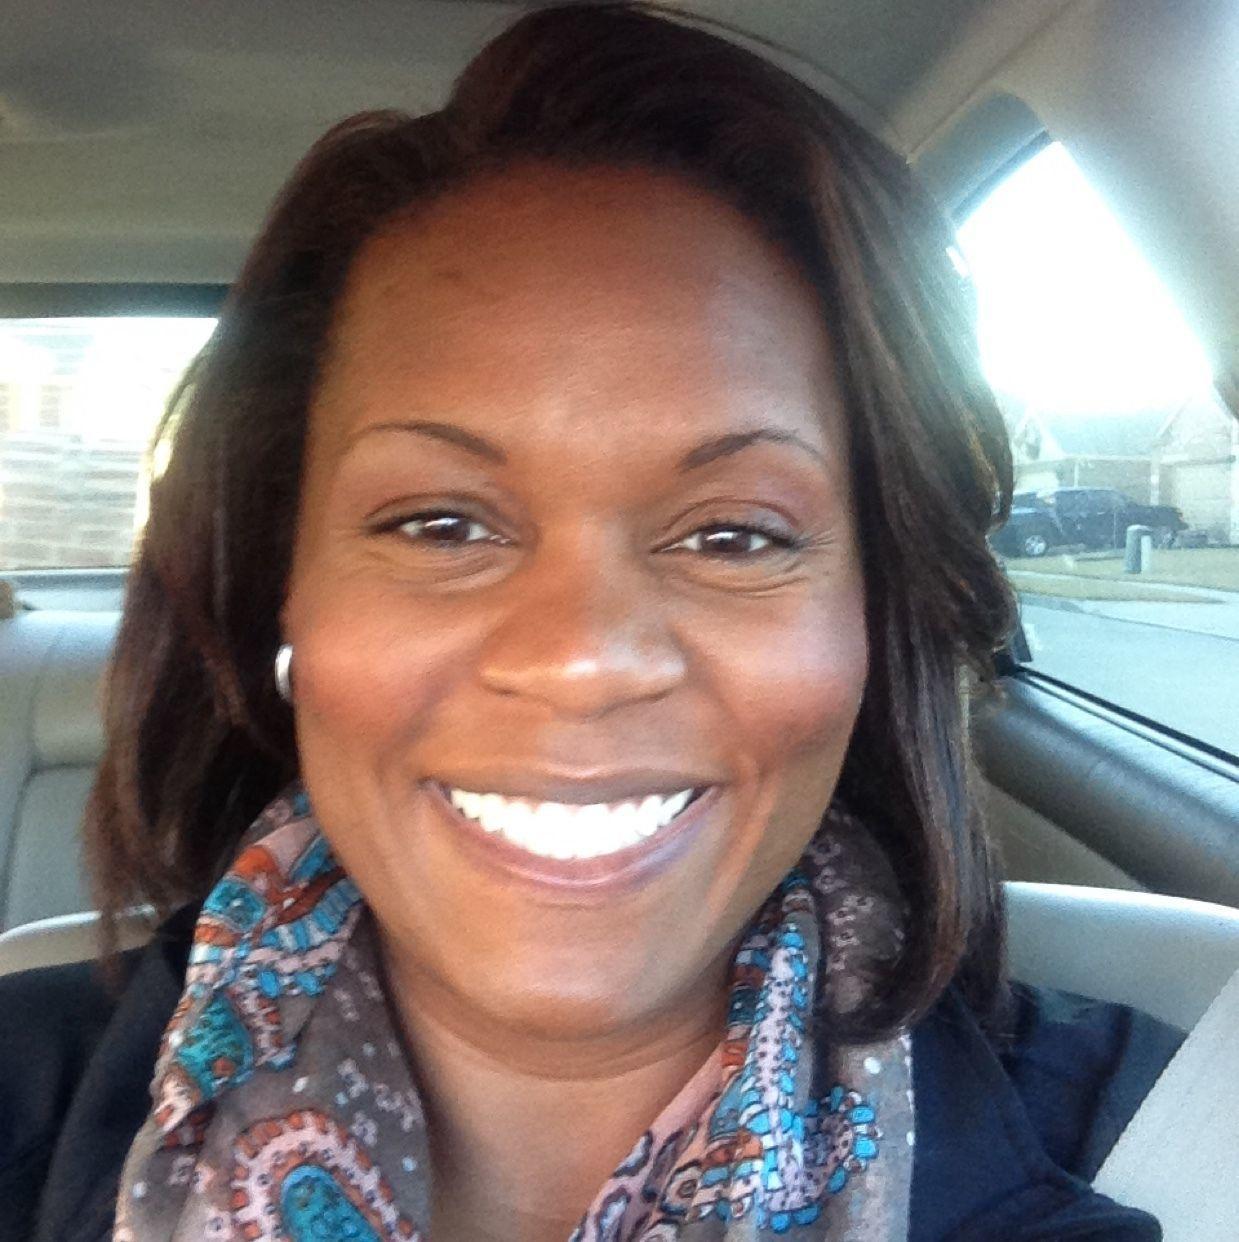 Sonia - North Dallas Black Women Professionals and